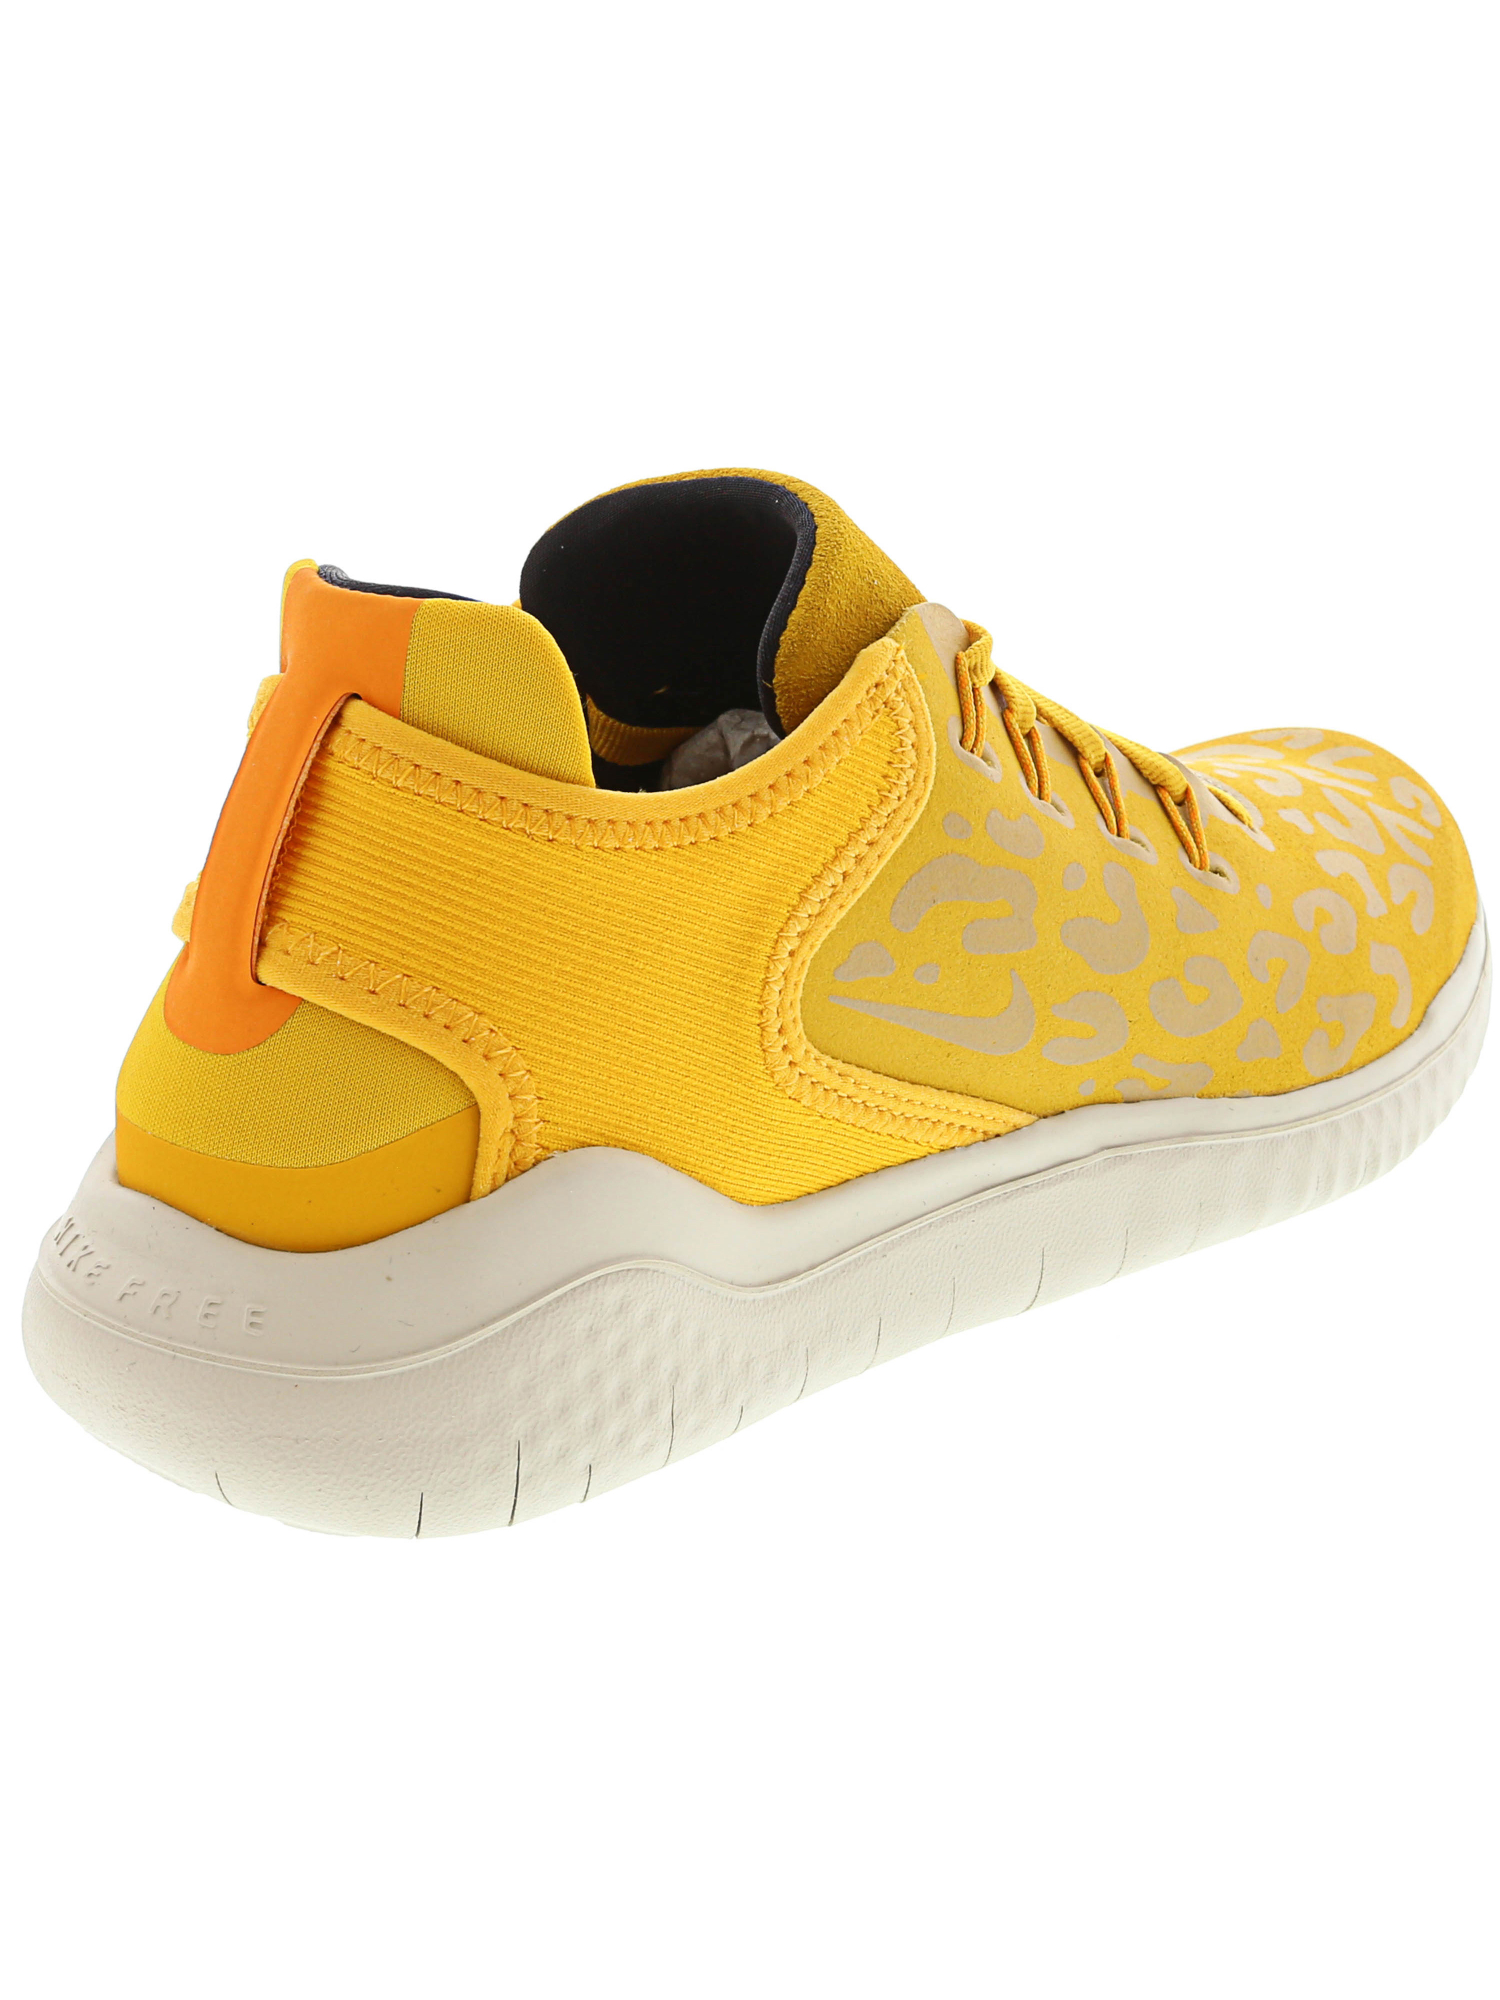 online store 41aa3 dee66 Nike-Women-039-s-Free-Rn-2018-Wild-